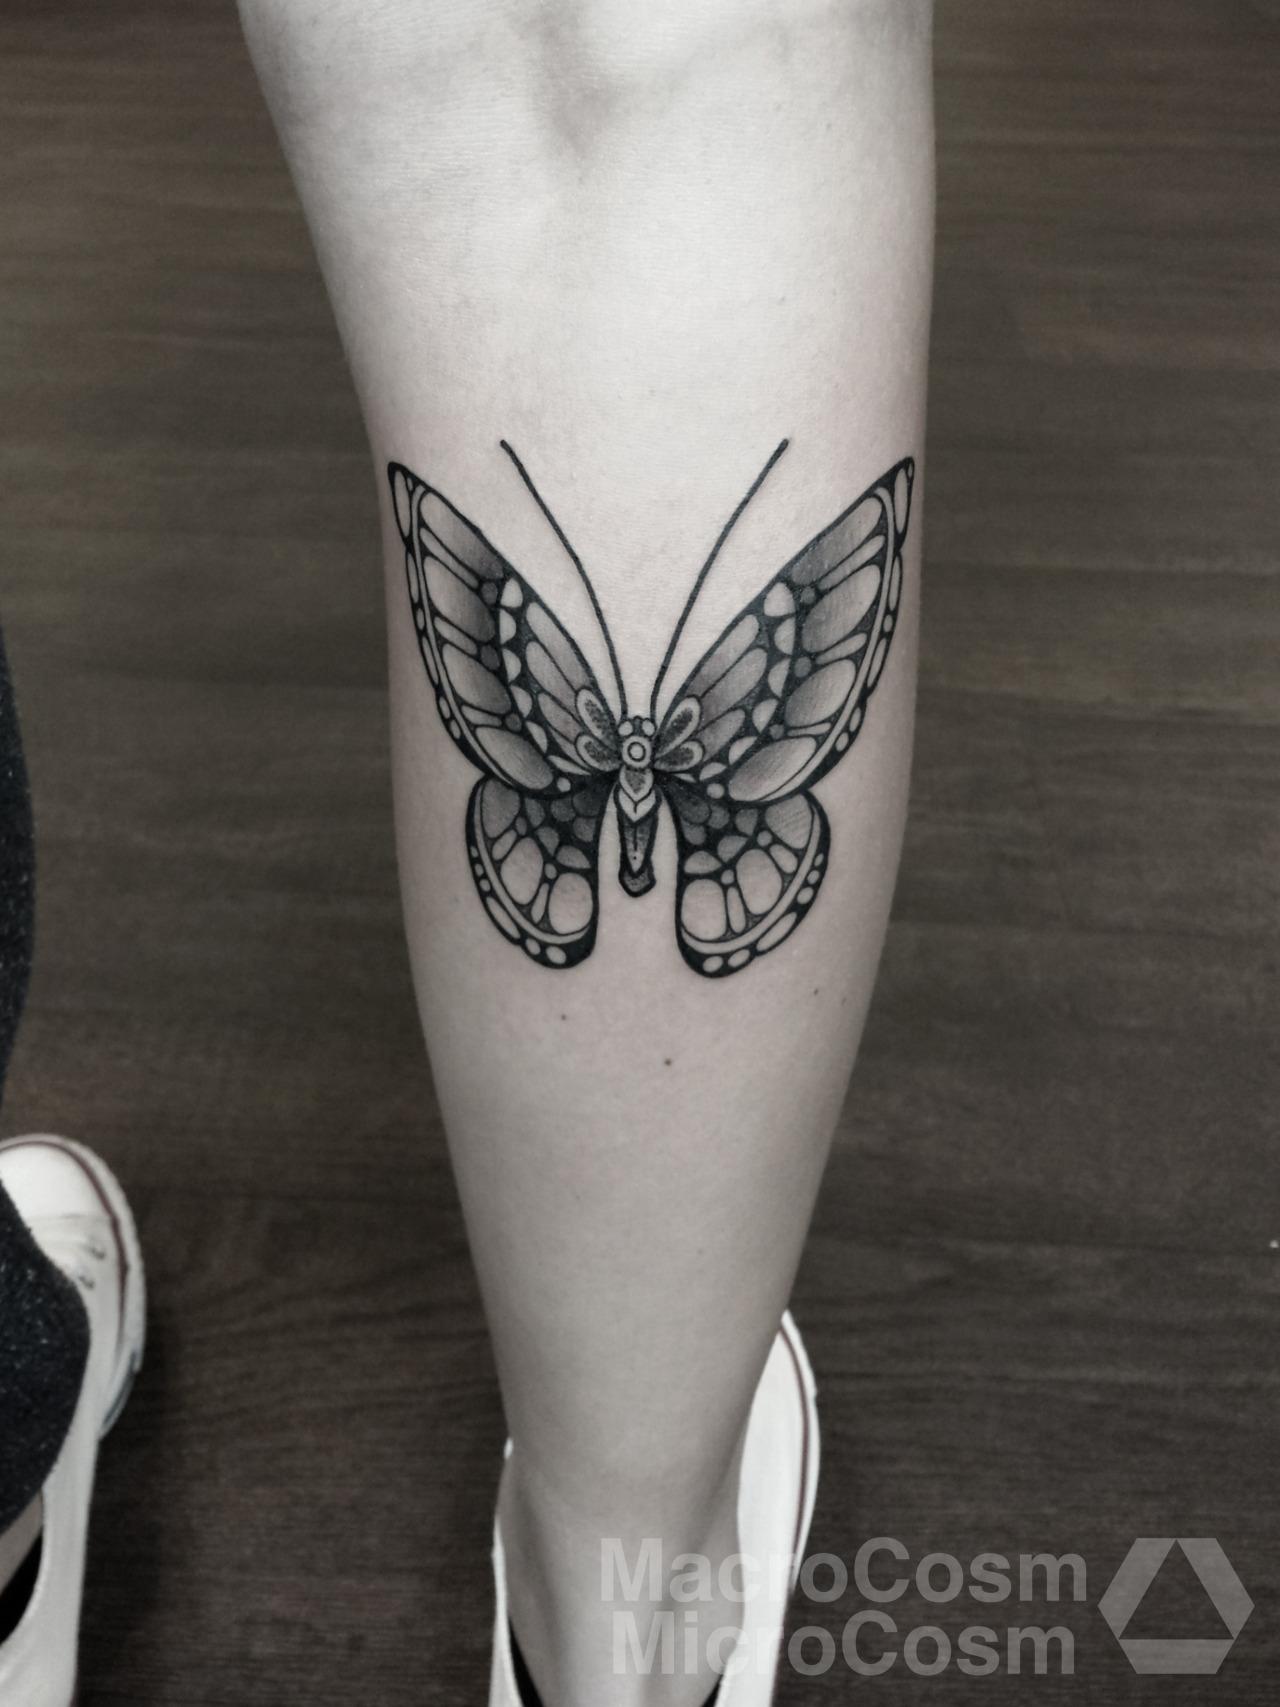 Cosmic Karma, tattoo artist (6)